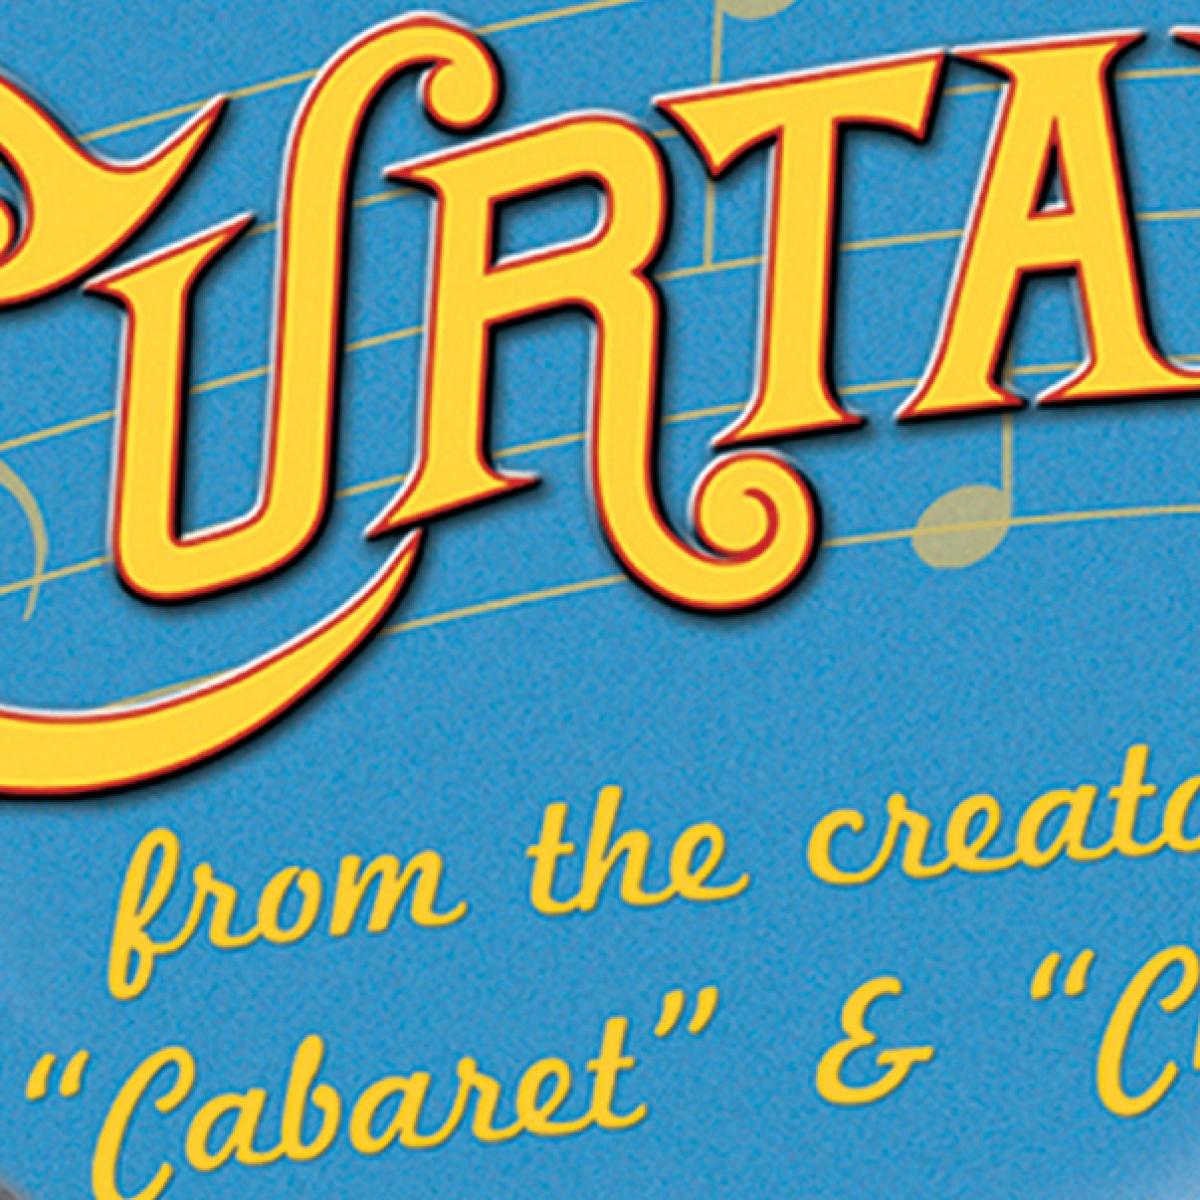 Curtains the musical logo - Curtains The Musical Logo Curtains The Musical Logo Curtains The Musical Logo 19 Download